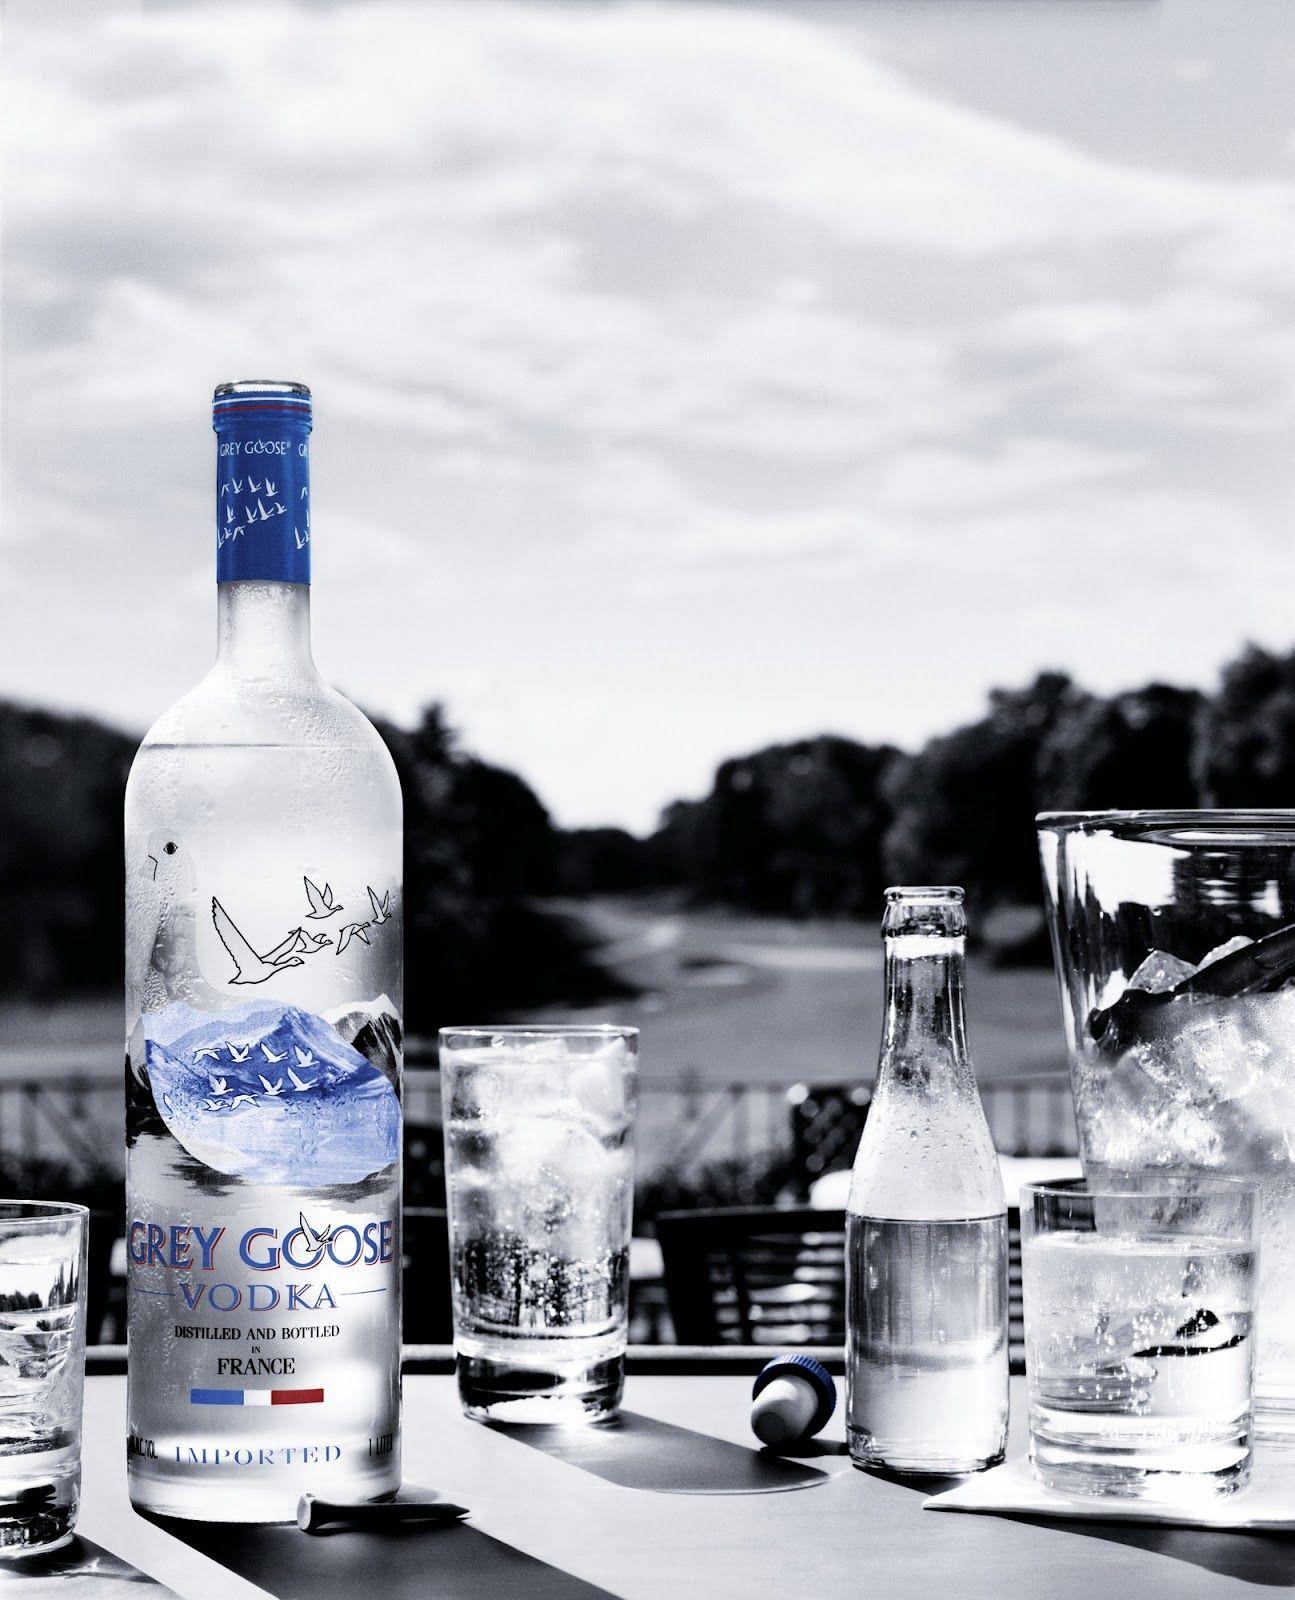 """A vodka #GreyGoose conquistou 96 pontos no """"World Spirits Championship"""", o máximo já conquistado por uma vodka nessa competição.  Por esse e outros títulos, ela é reconhecida como a vodka de melhor sabor do mundo. #vodka"""